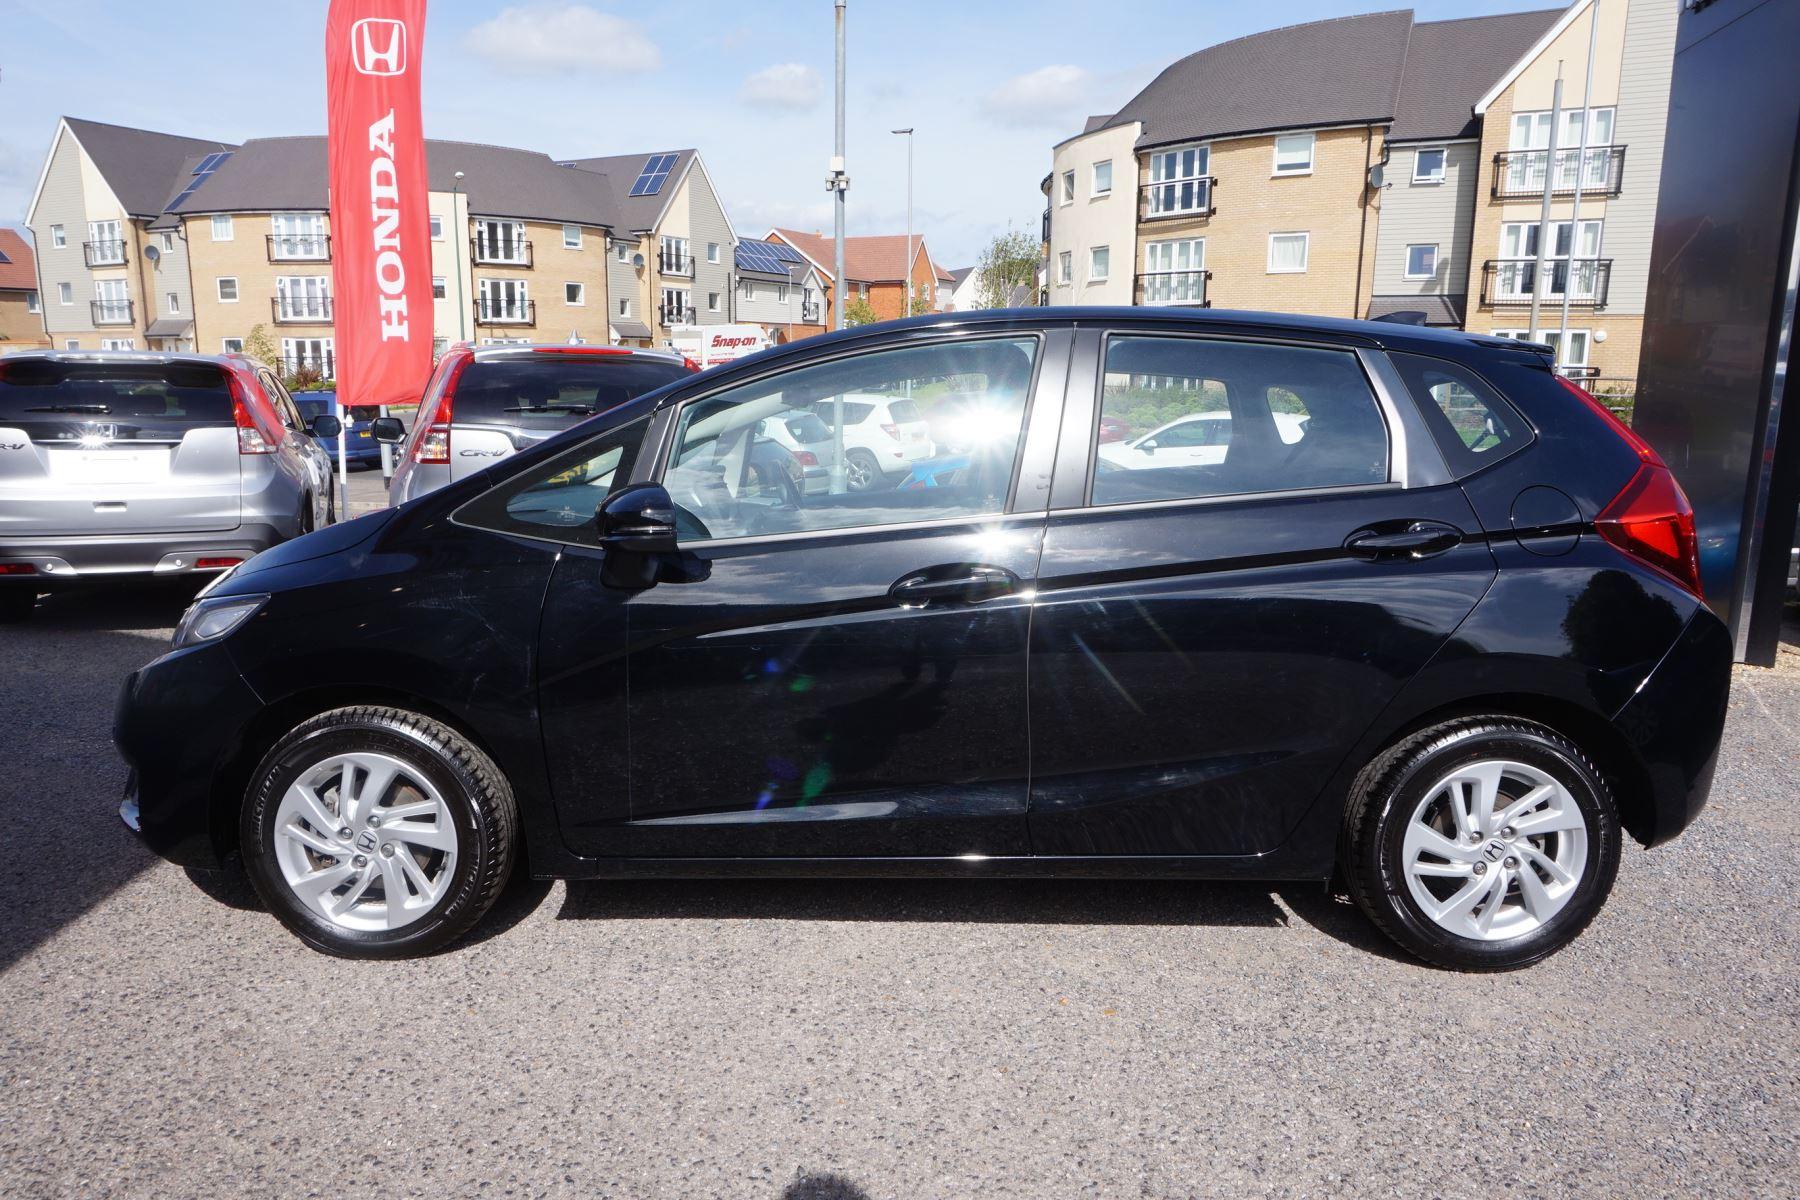 Honda Jazz 1.3 SE 5dr image 3